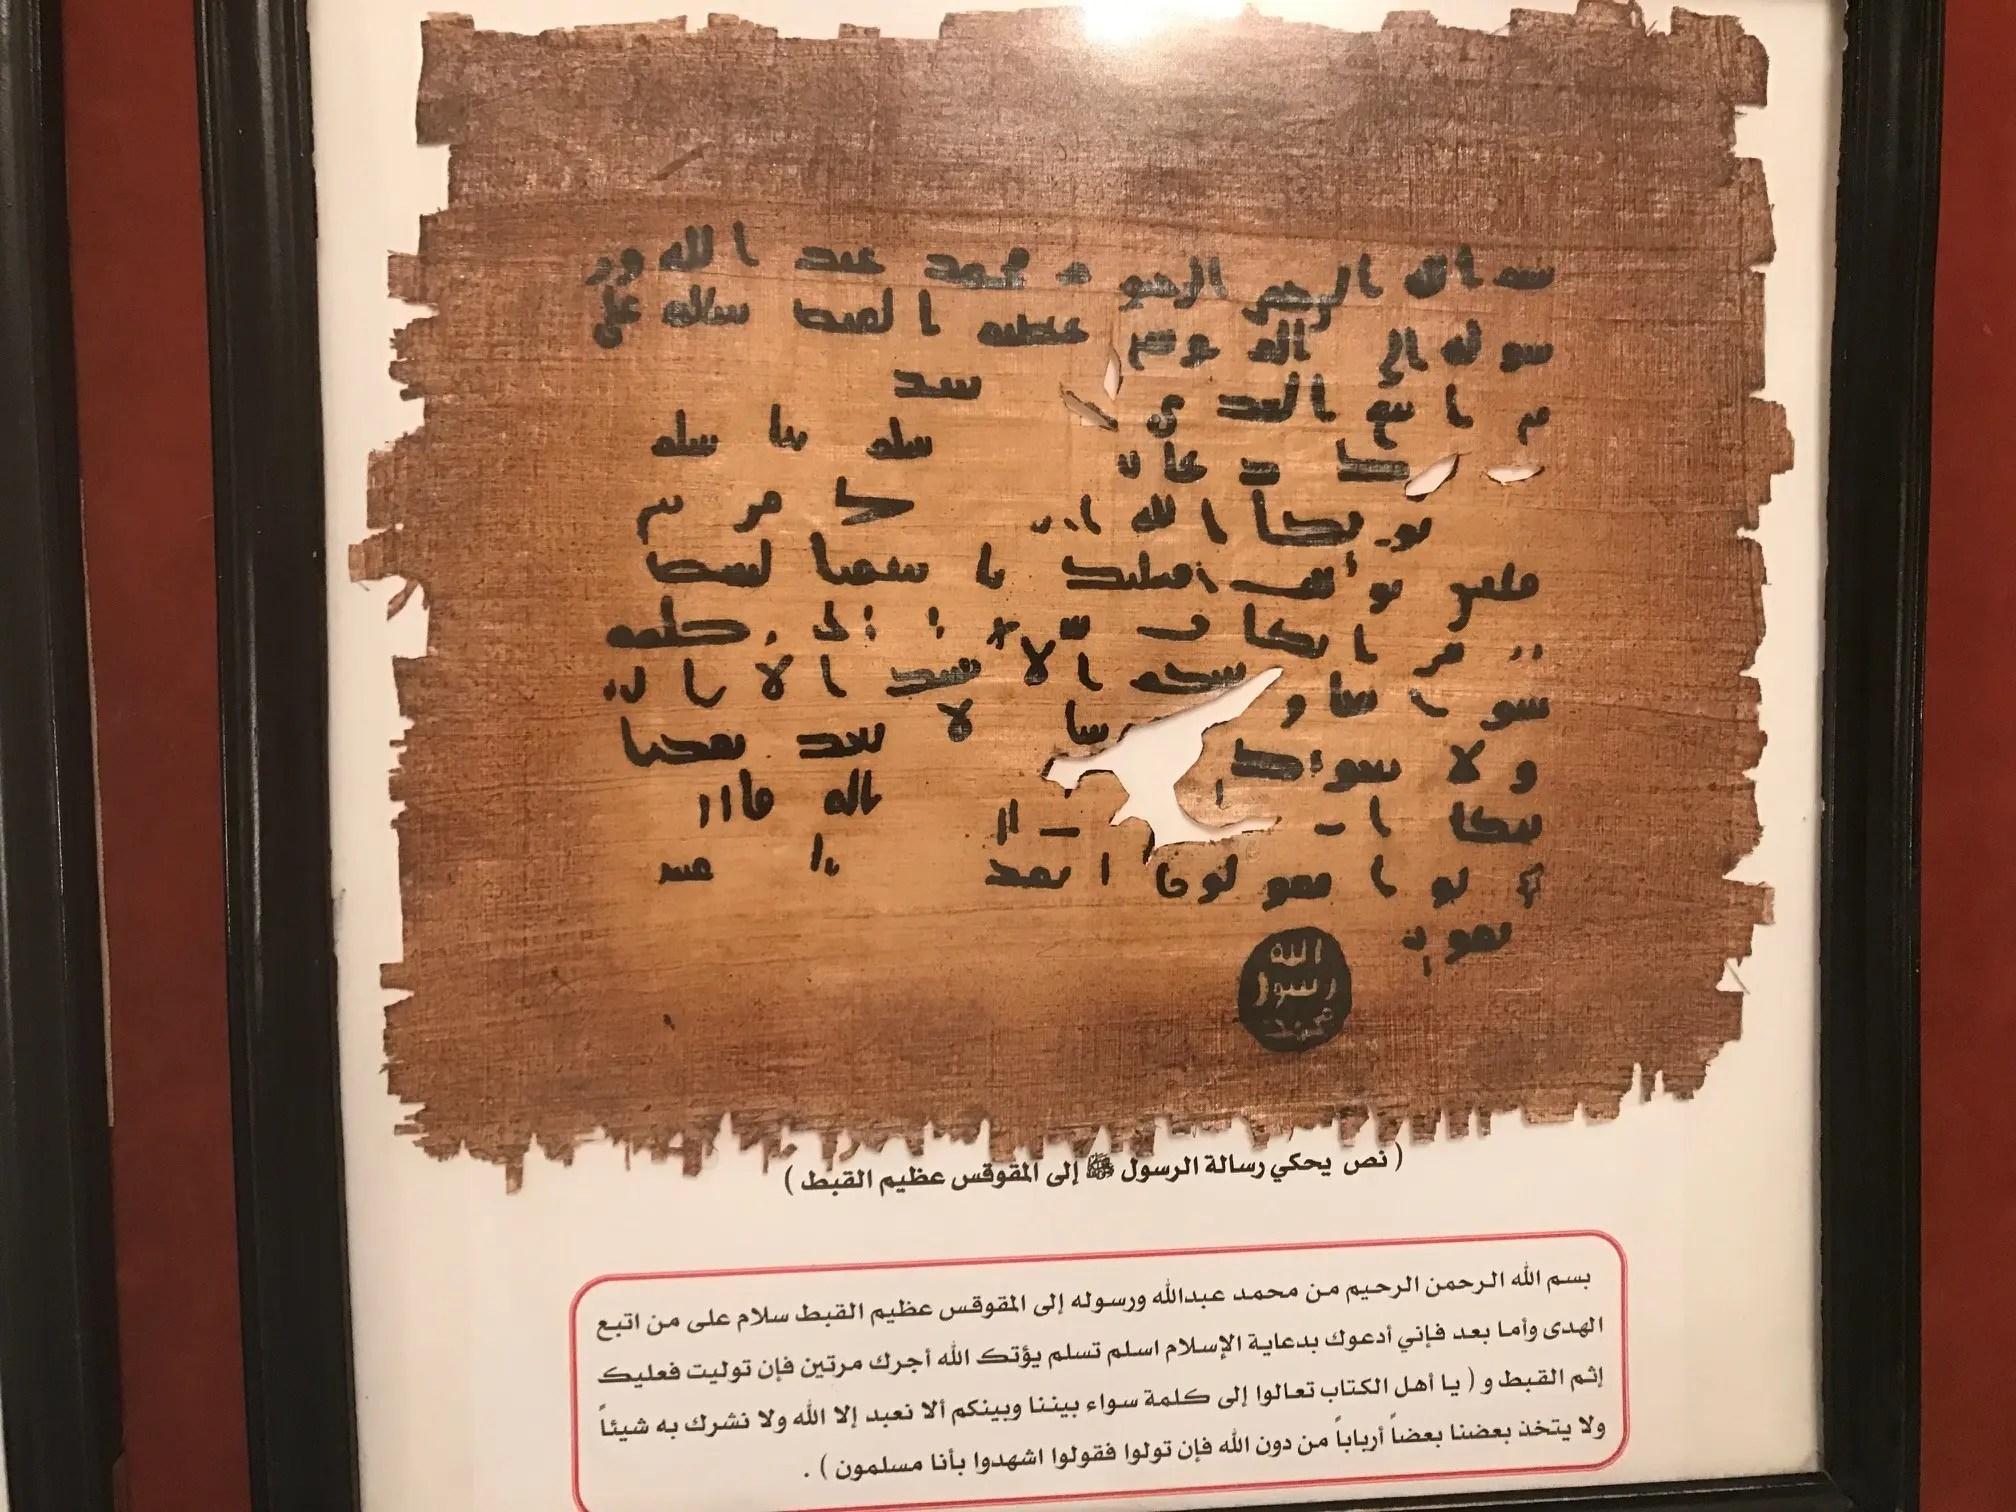 بالصور رسائل النبي محمد إلى ملوك العالم